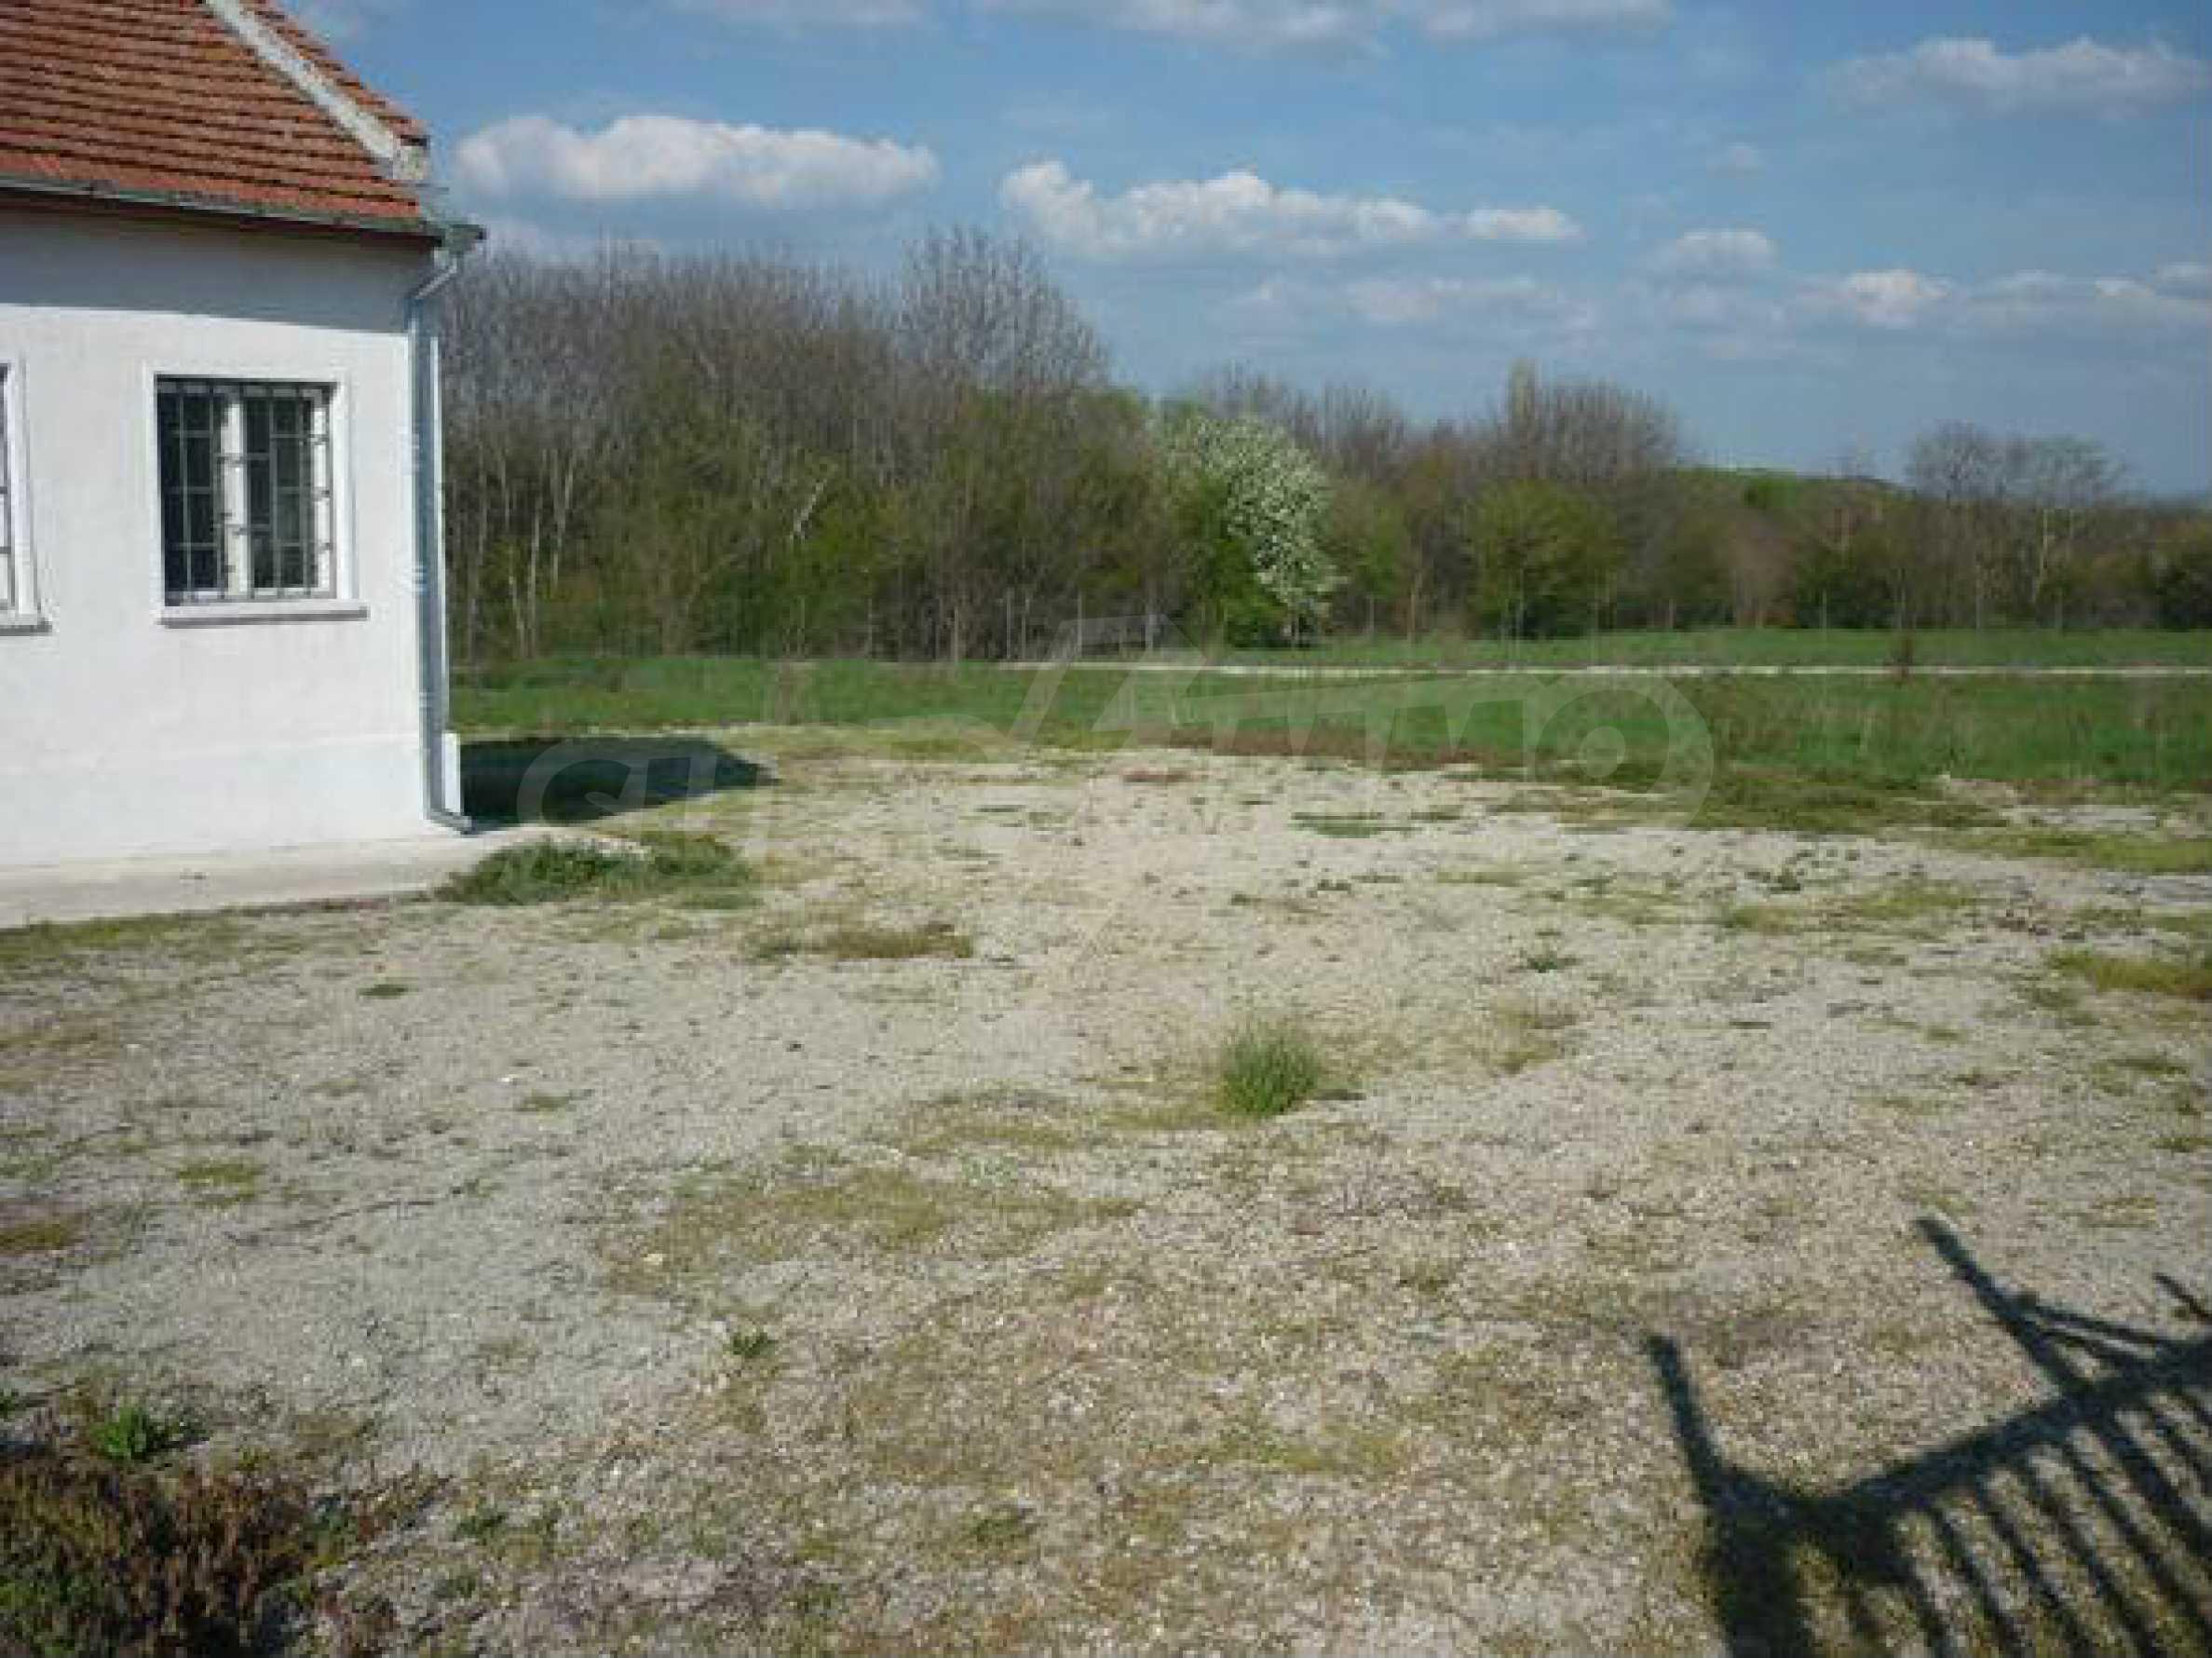 Industriegelände in einem Dorf 6 km von der Stadt Lovech entfernt 4